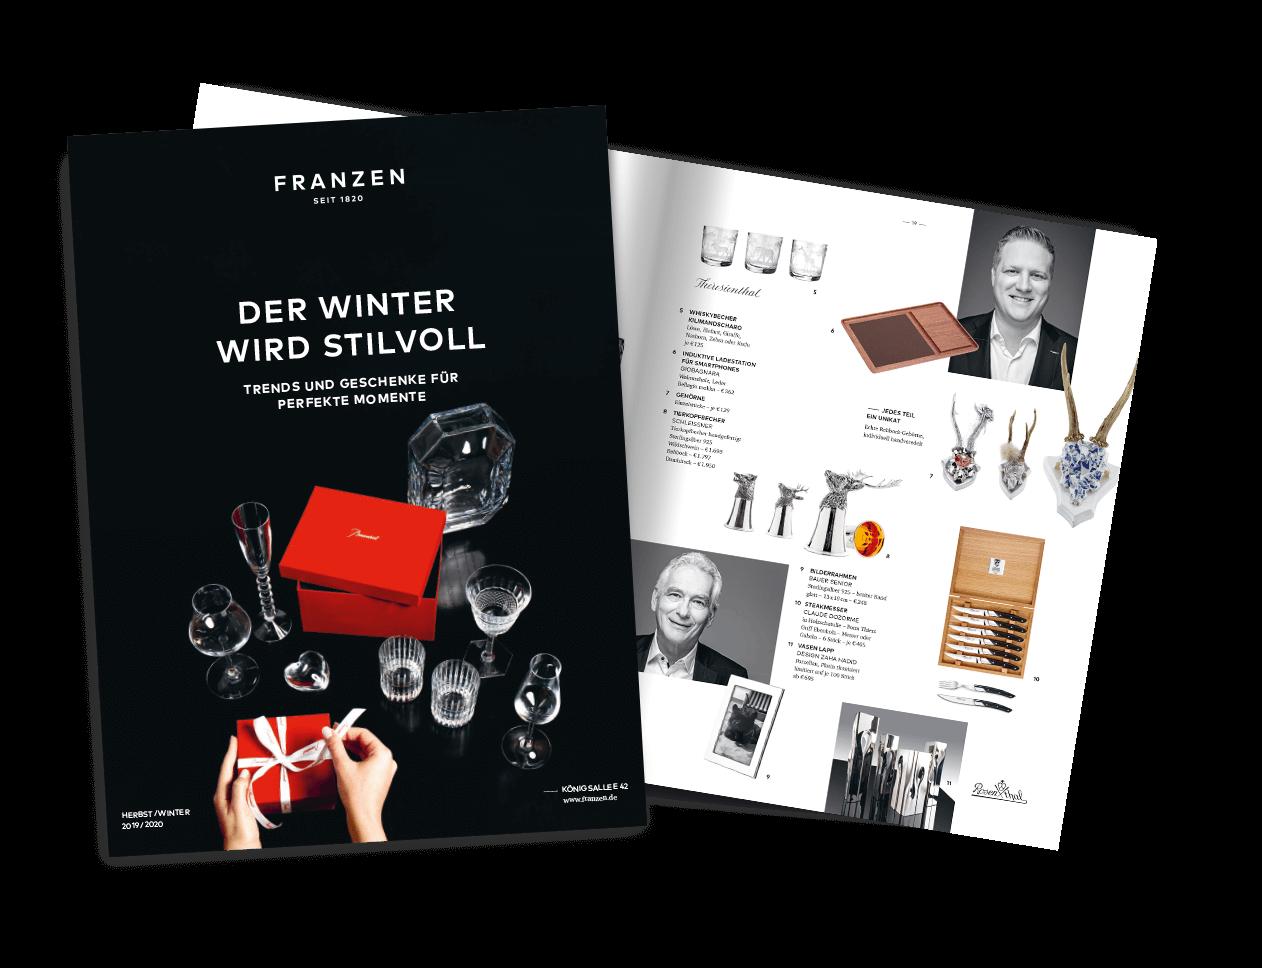 Das neue Franzen Magazin ist da! Lifestyle & Inspiration direkt von der KÖ42!